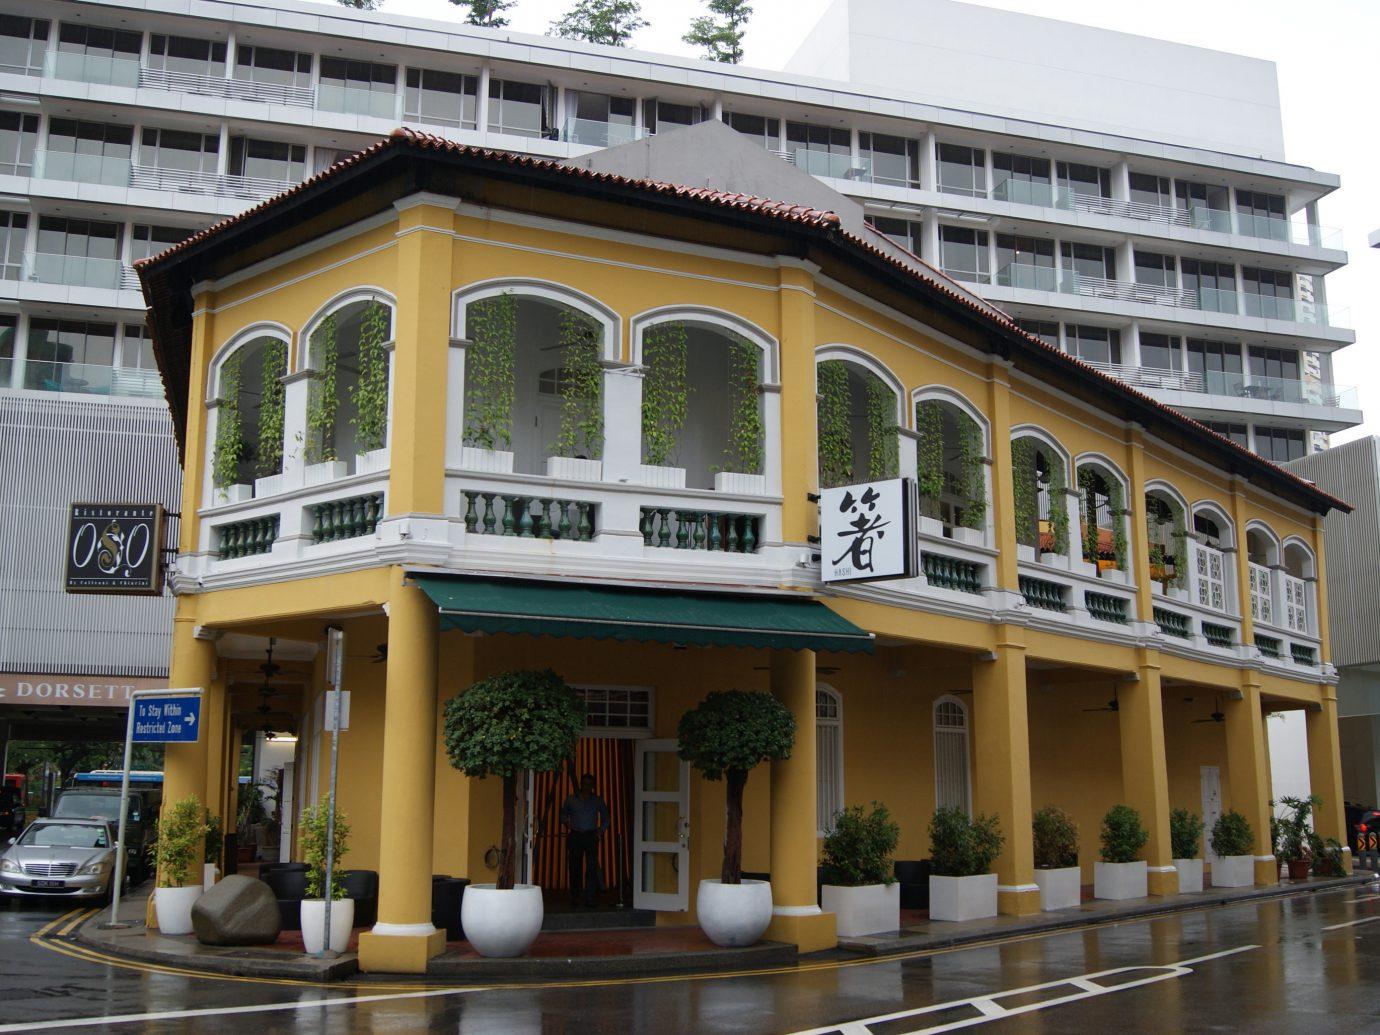 Bukit Pasoh Road in Singapore